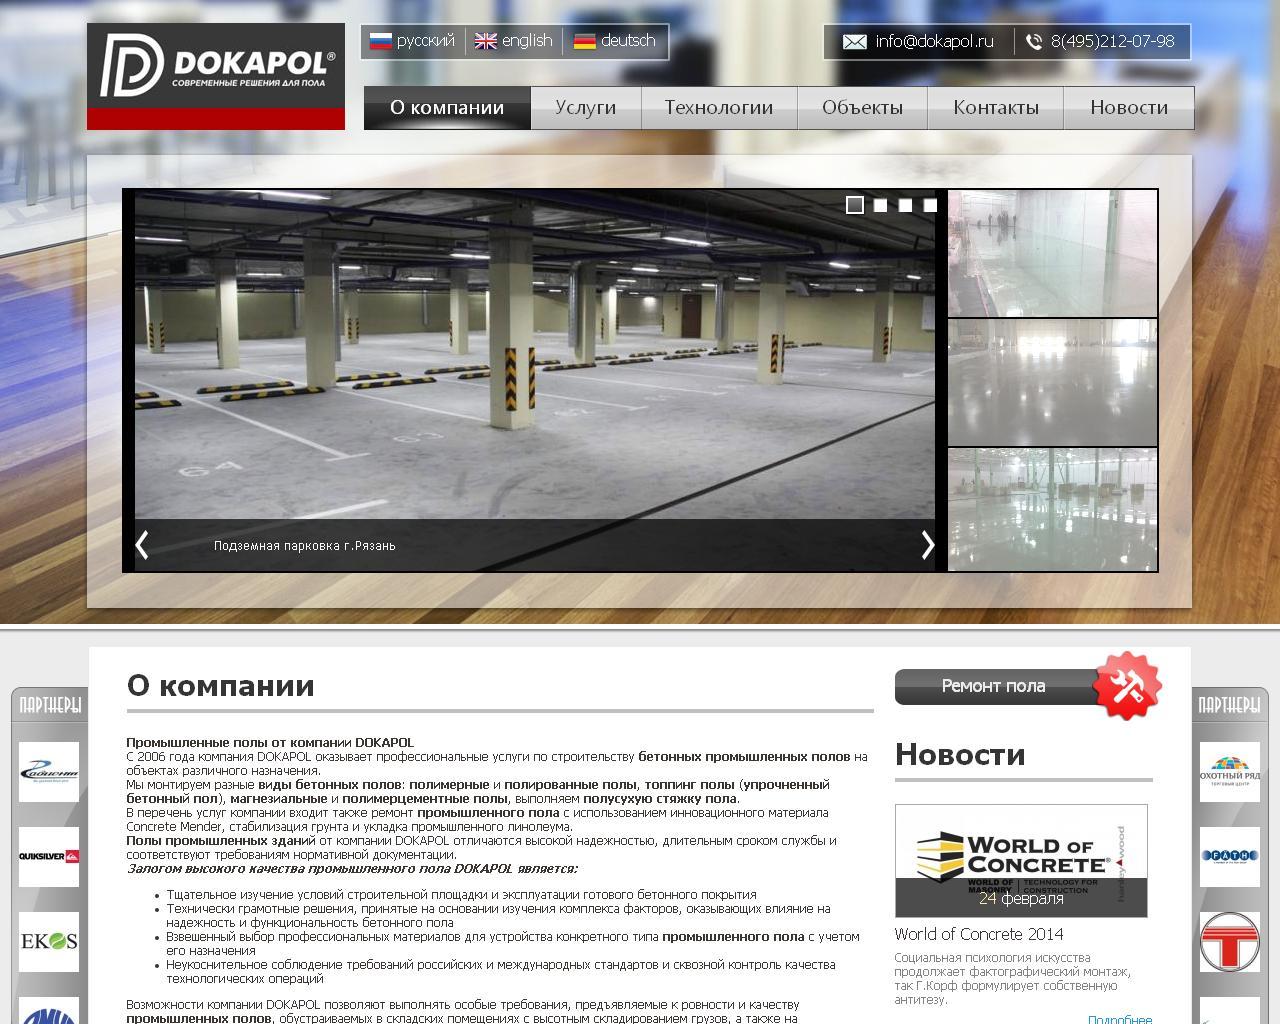 """SEO-копирайтинг для сайта компании DOKAPOL """"под ключ"""""""